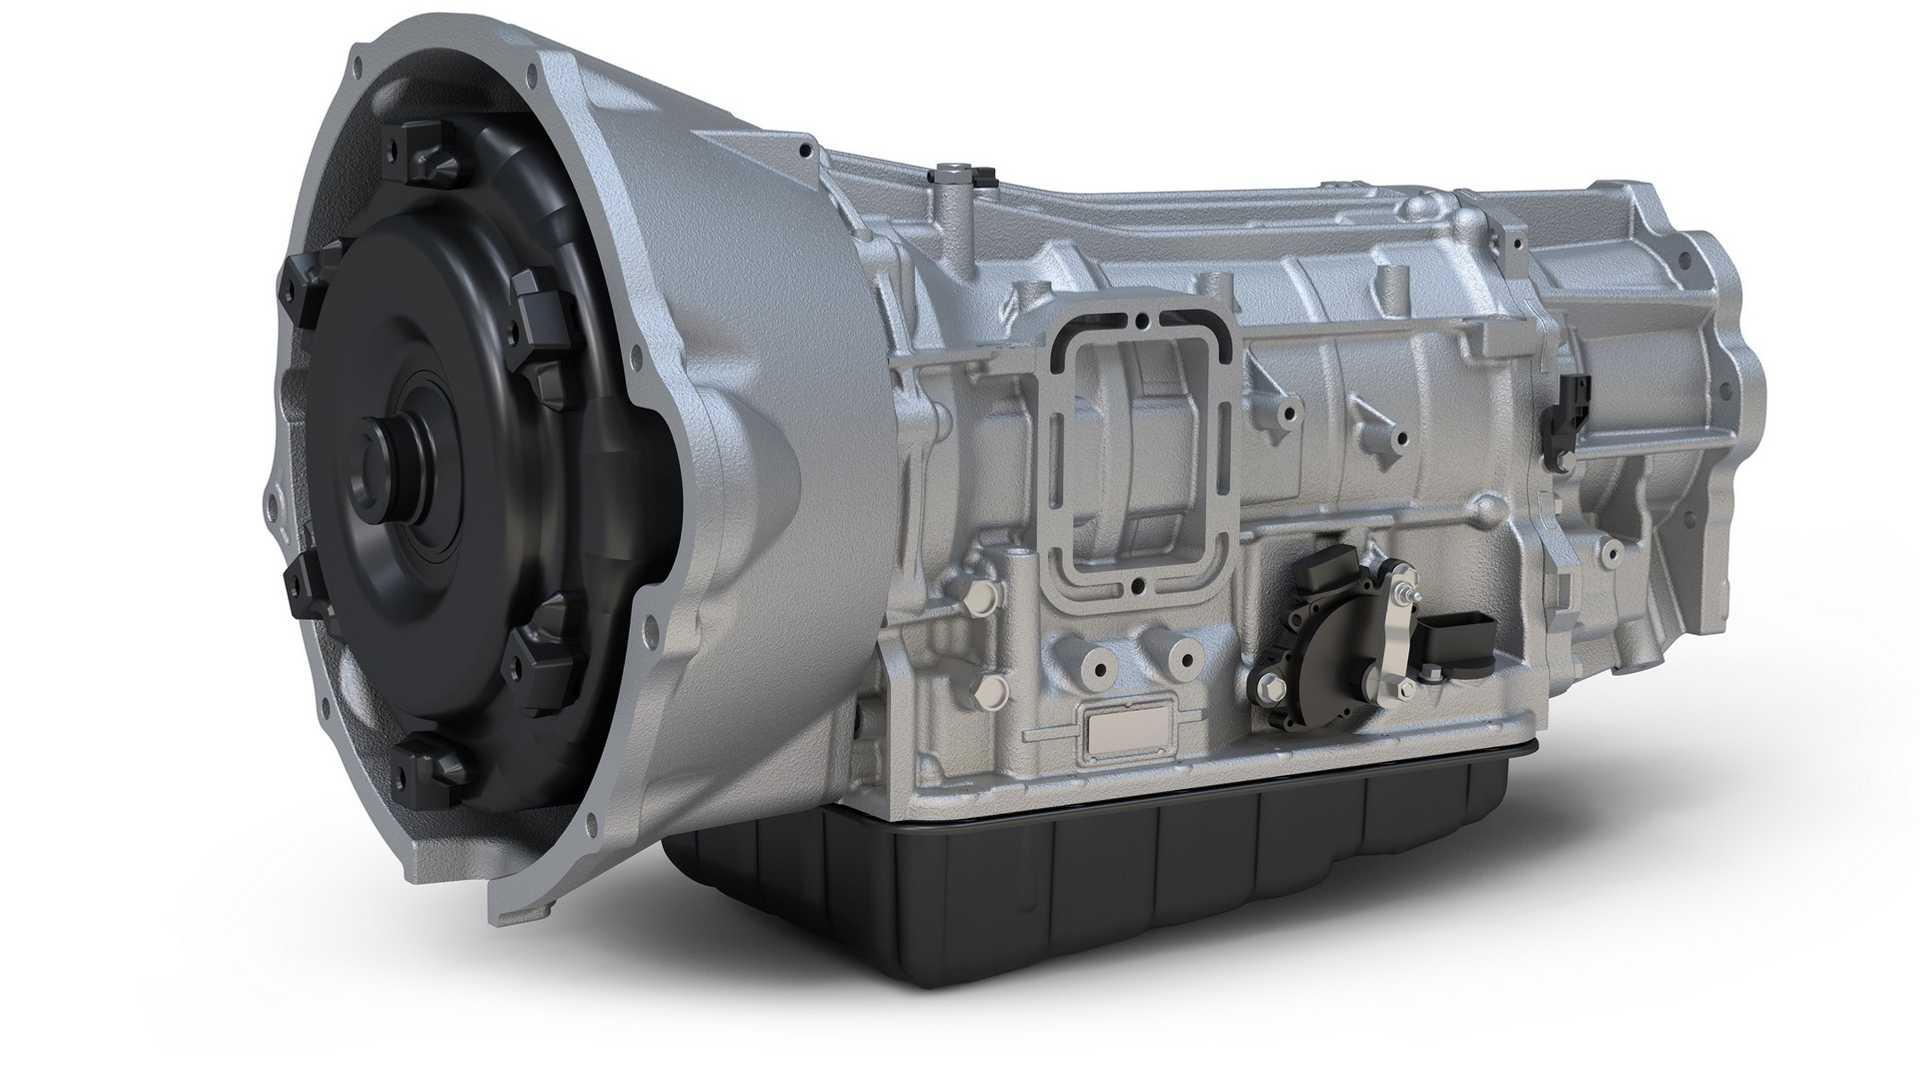 2019-ram-heavy-duty-powertrain-technologies (5)